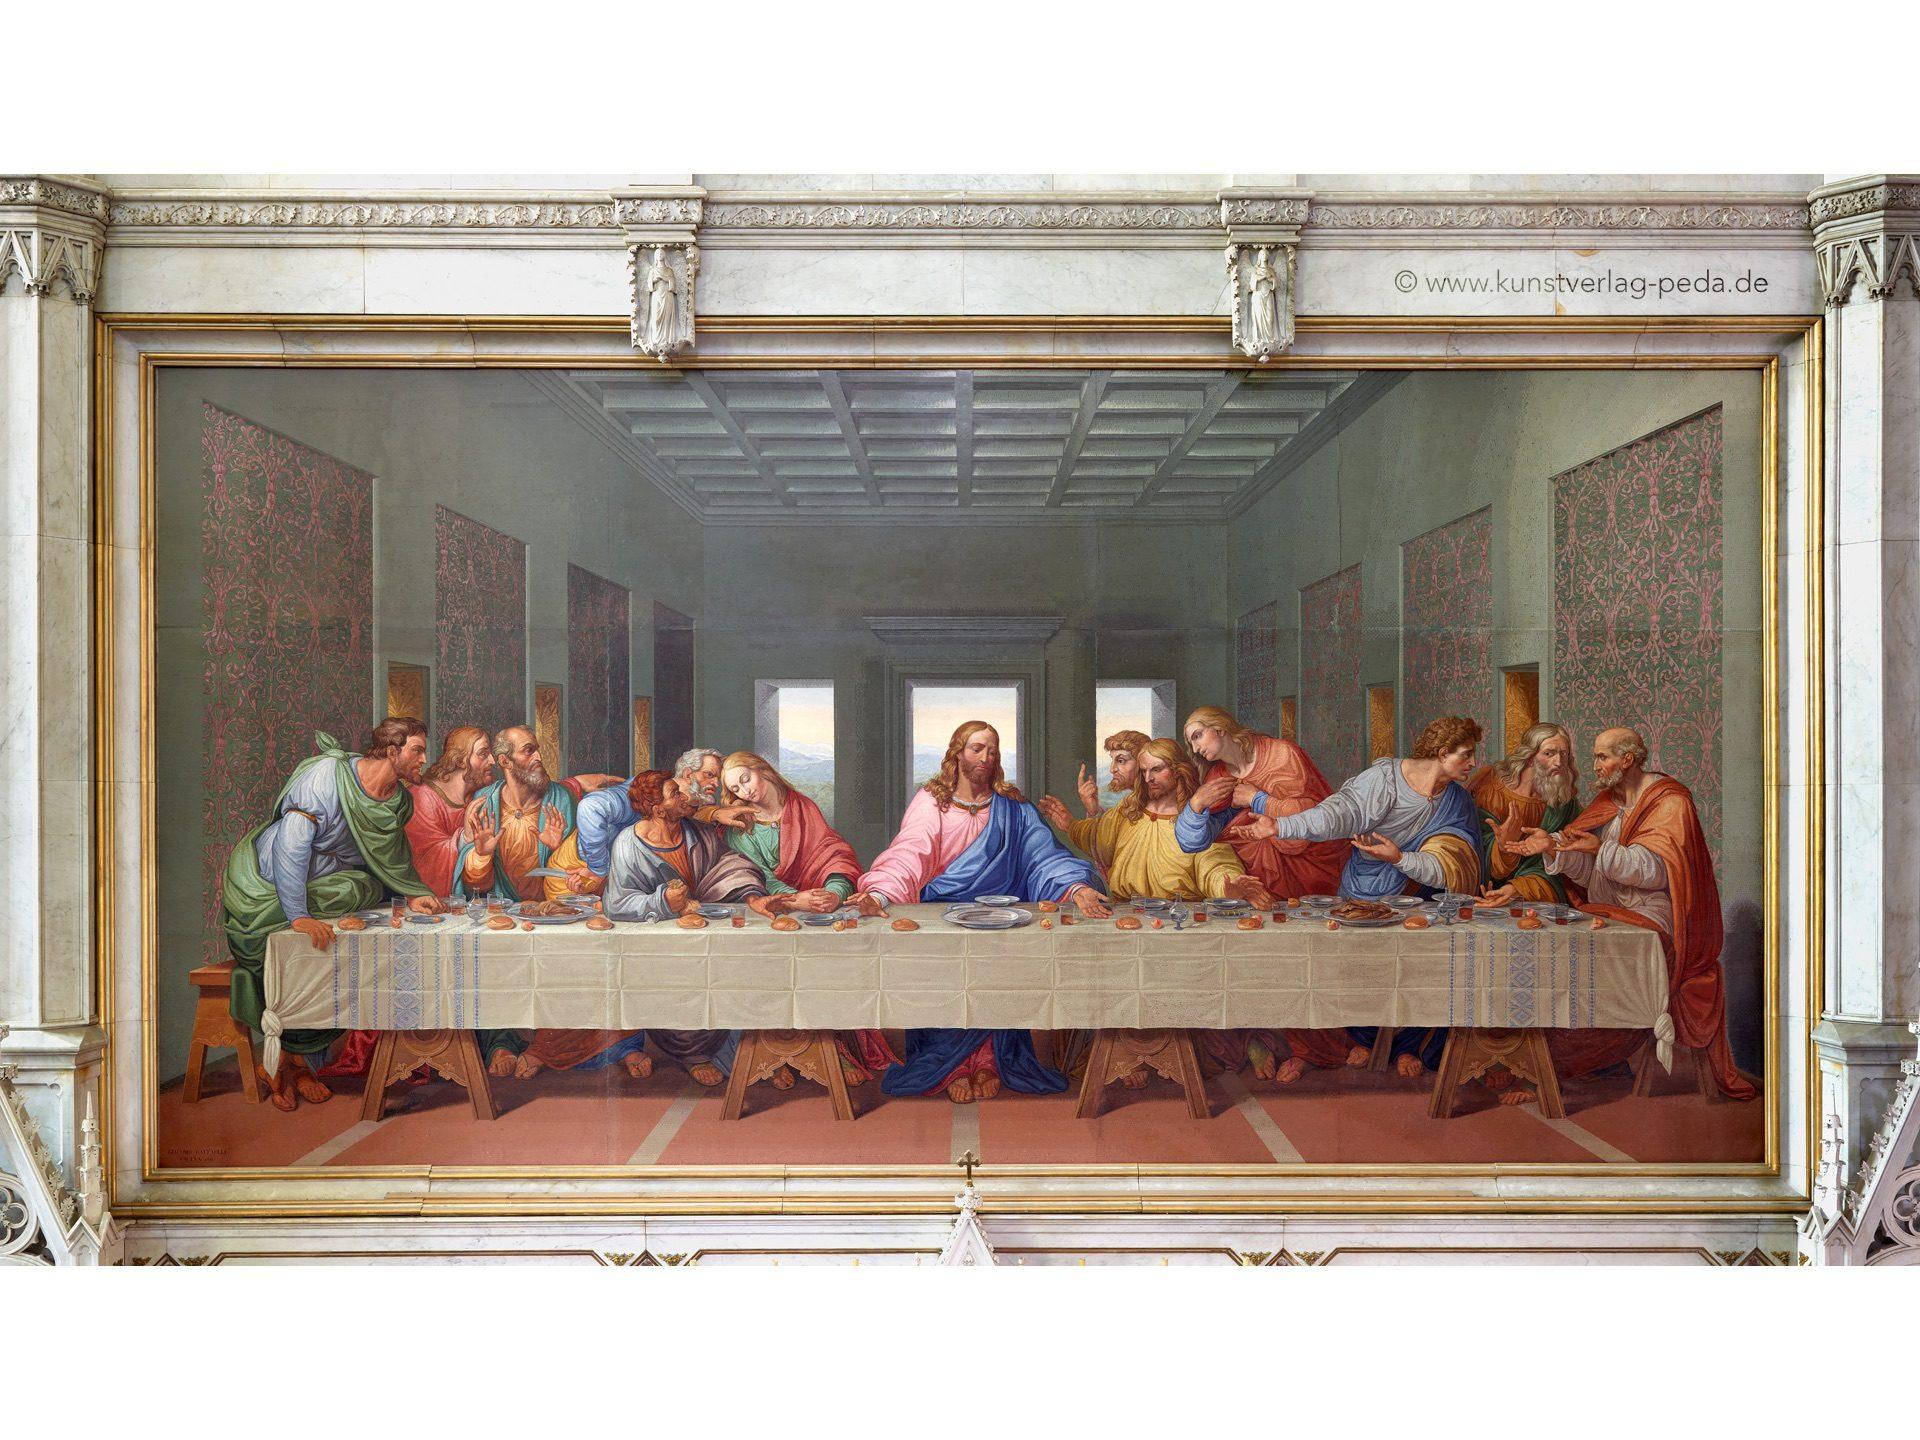 Das Cenacolo-Mosaik in der Minoriten Kirche, 9,18 x 4,47 m Nachbildung des berühmten Wandfreskos von Leonardo da Vinci in der Größe des Originals von Giacomo Raffaelli in den Jahren 1805-1814 für Napoleon angefertigt.